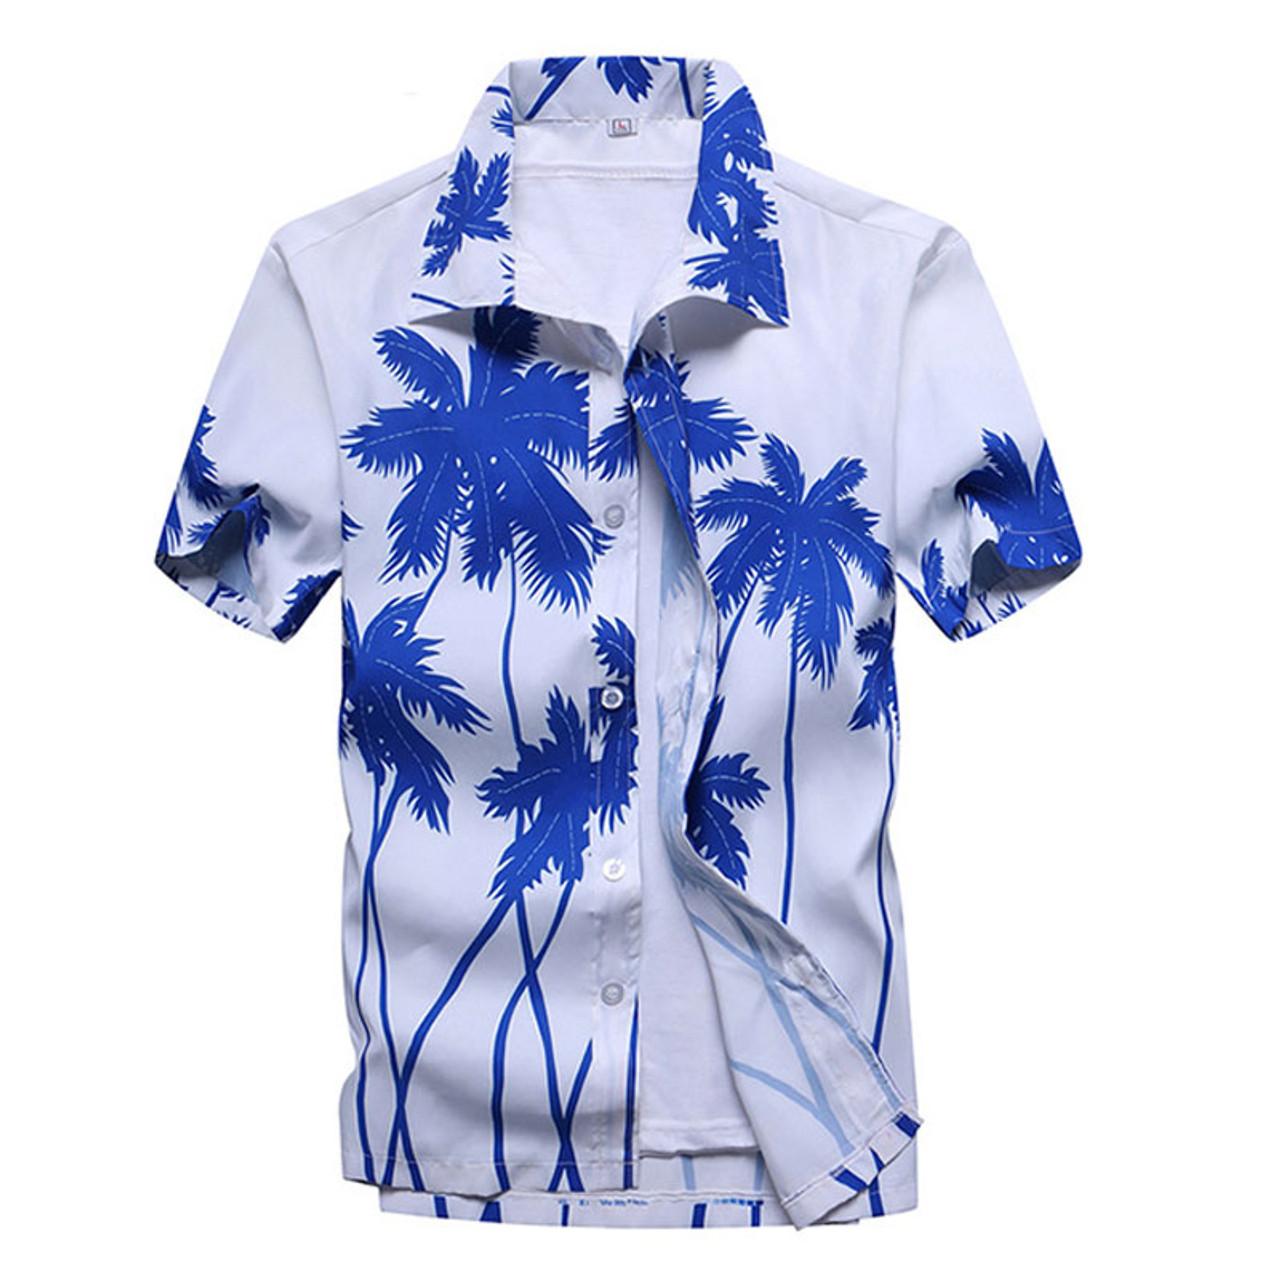 2019 Fashion Men Florals Short Sleeve Round Neck T-shirts Korean Slim Fit Summer